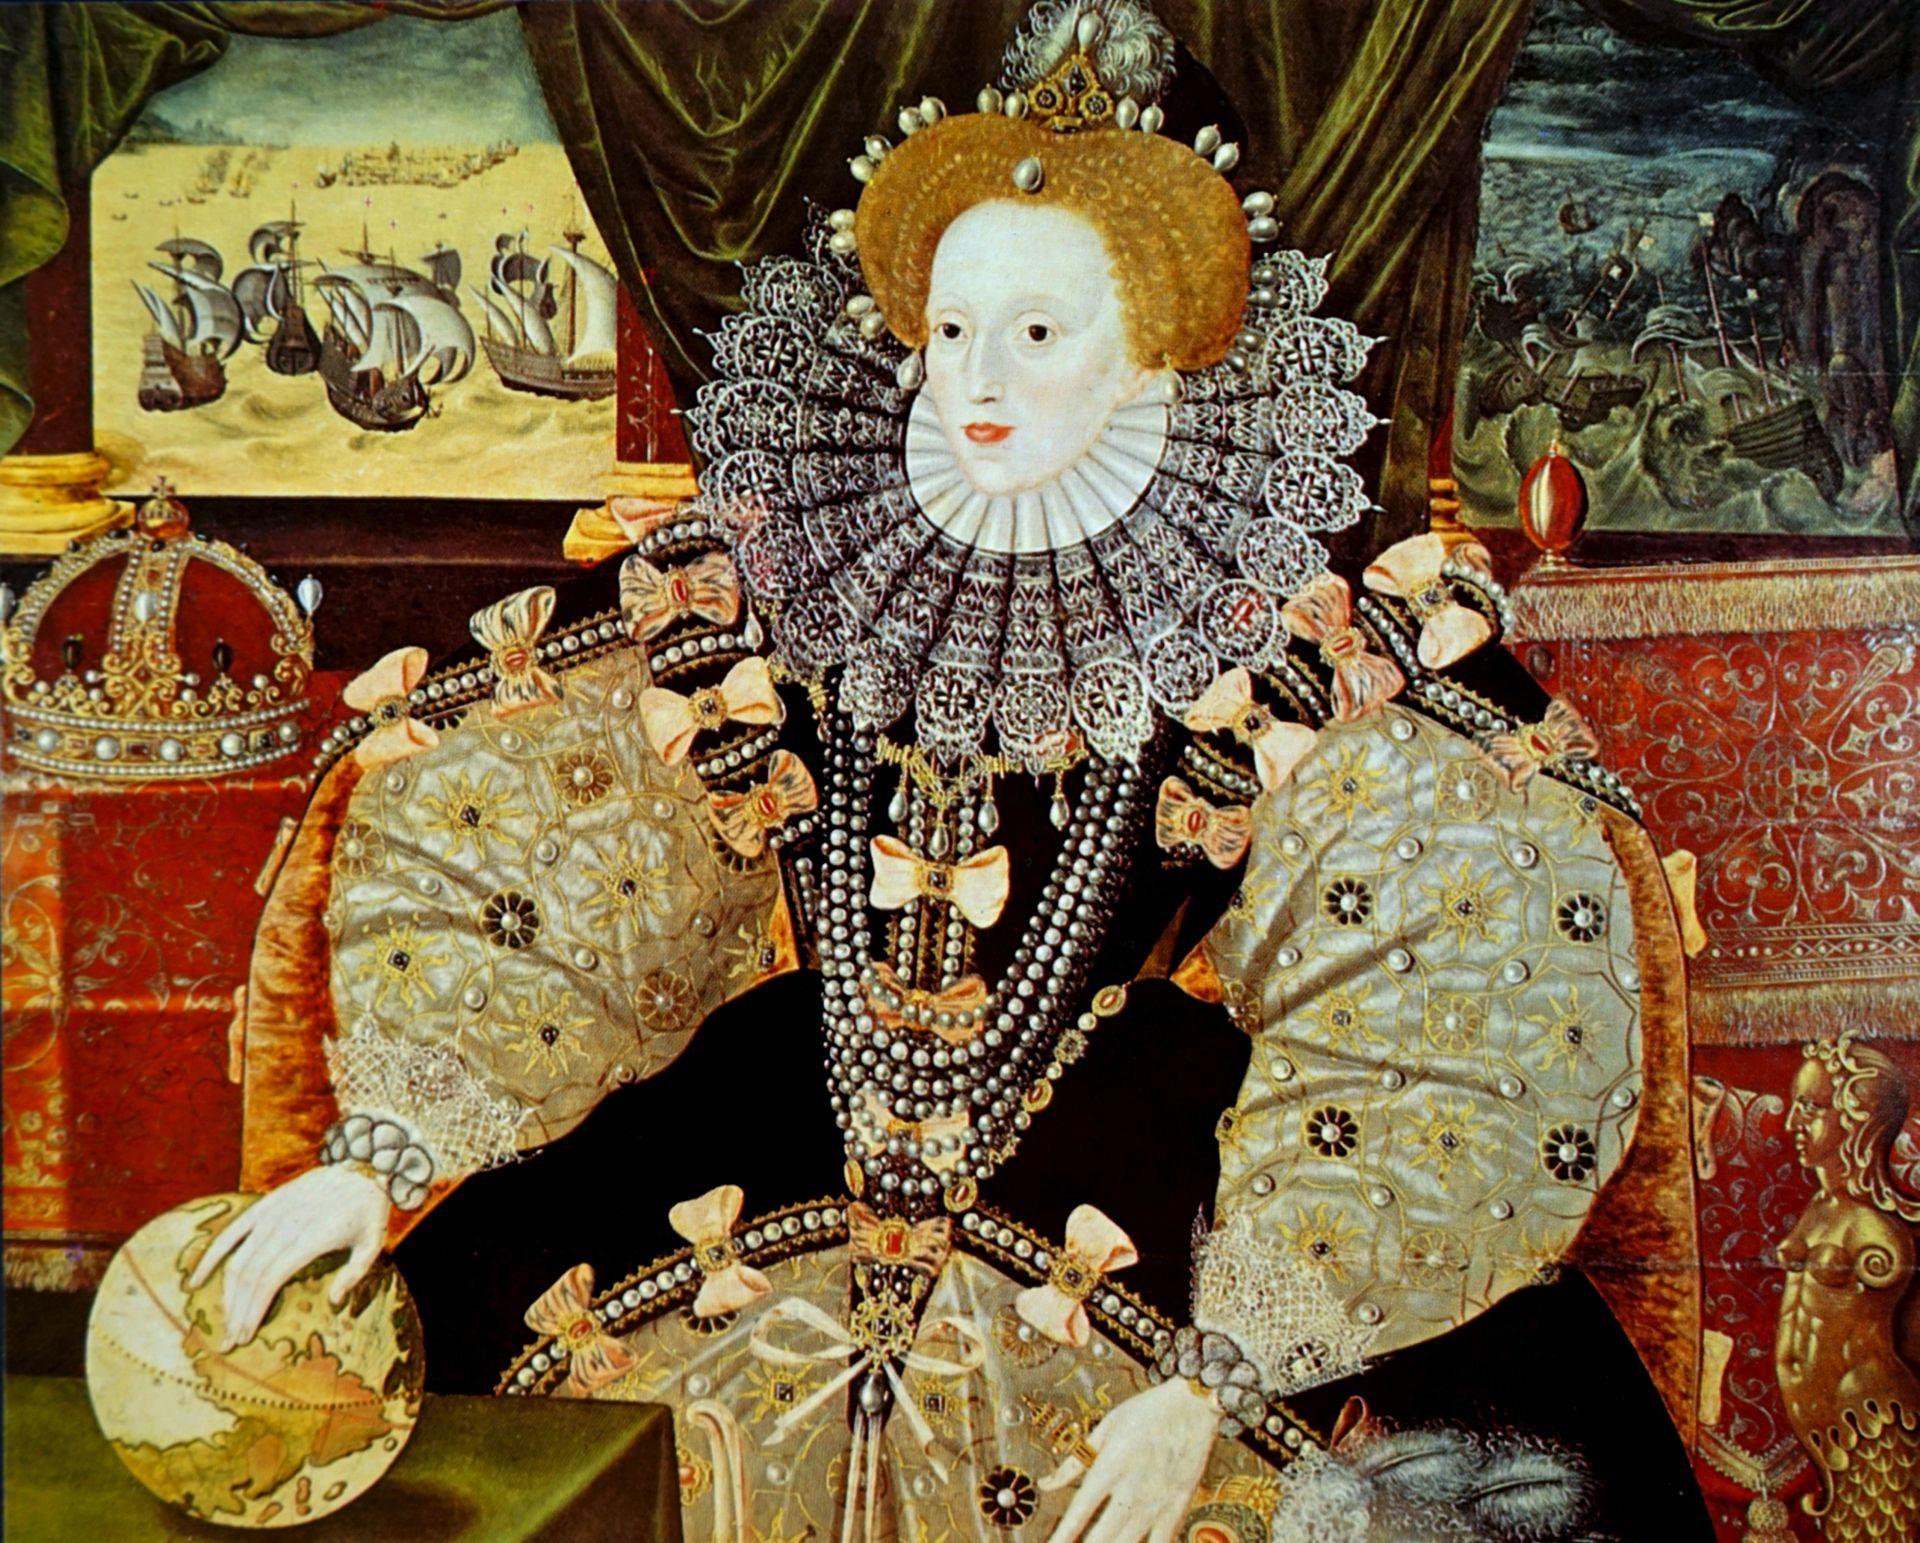 I. Erzsébet királynő portréja, melyen jól látható, mekkora divatja volt a ruhák tömésekkel való alakításának.